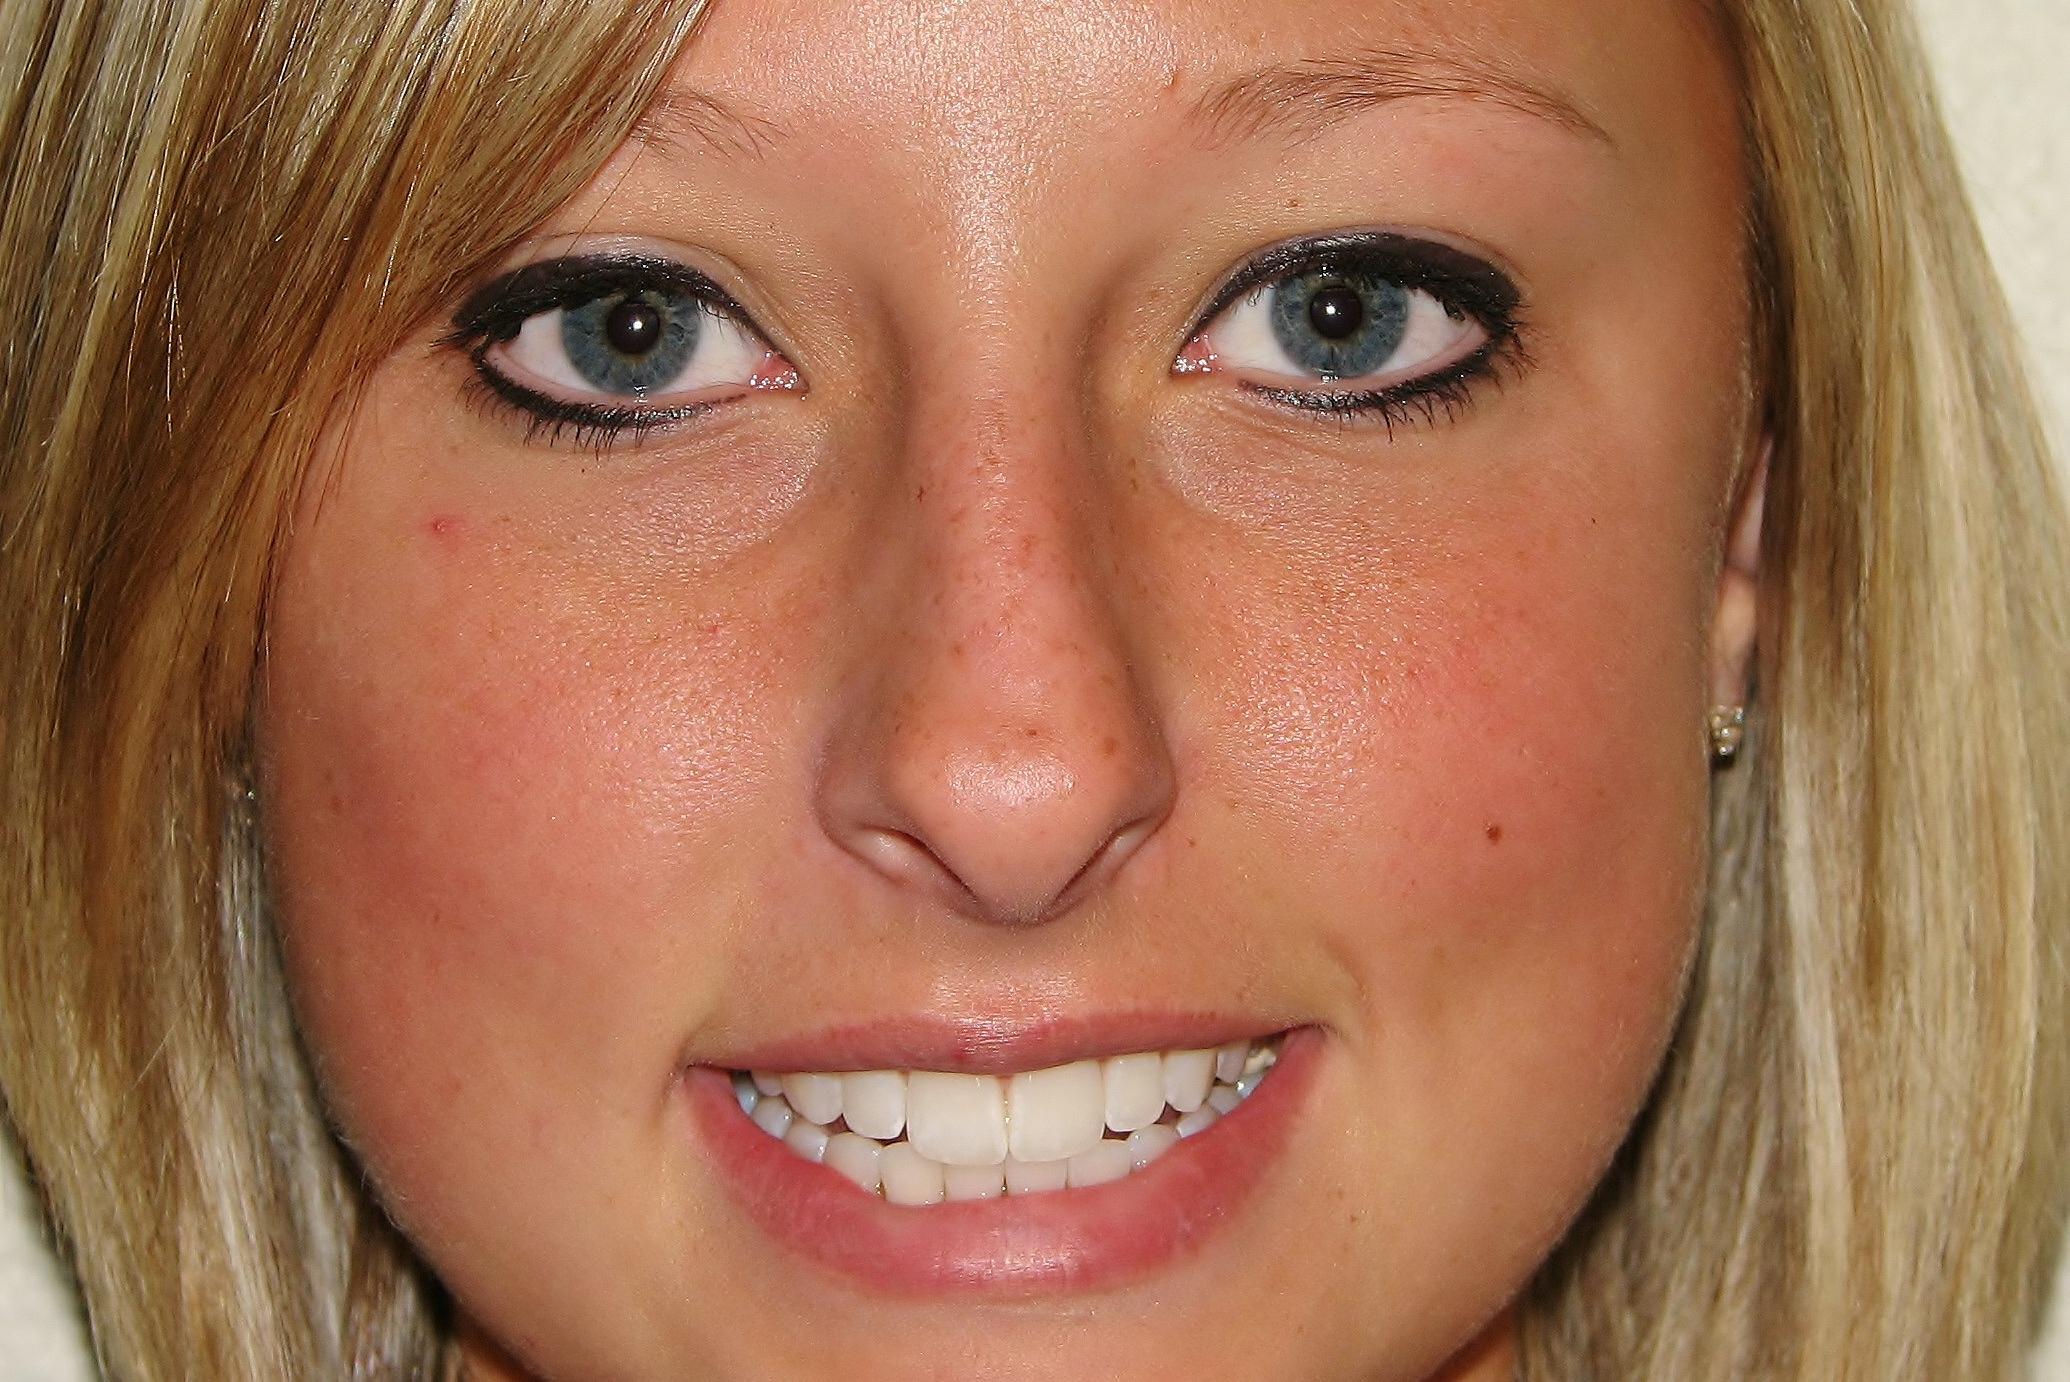 makeup pics 6-20-07 095a.jpg